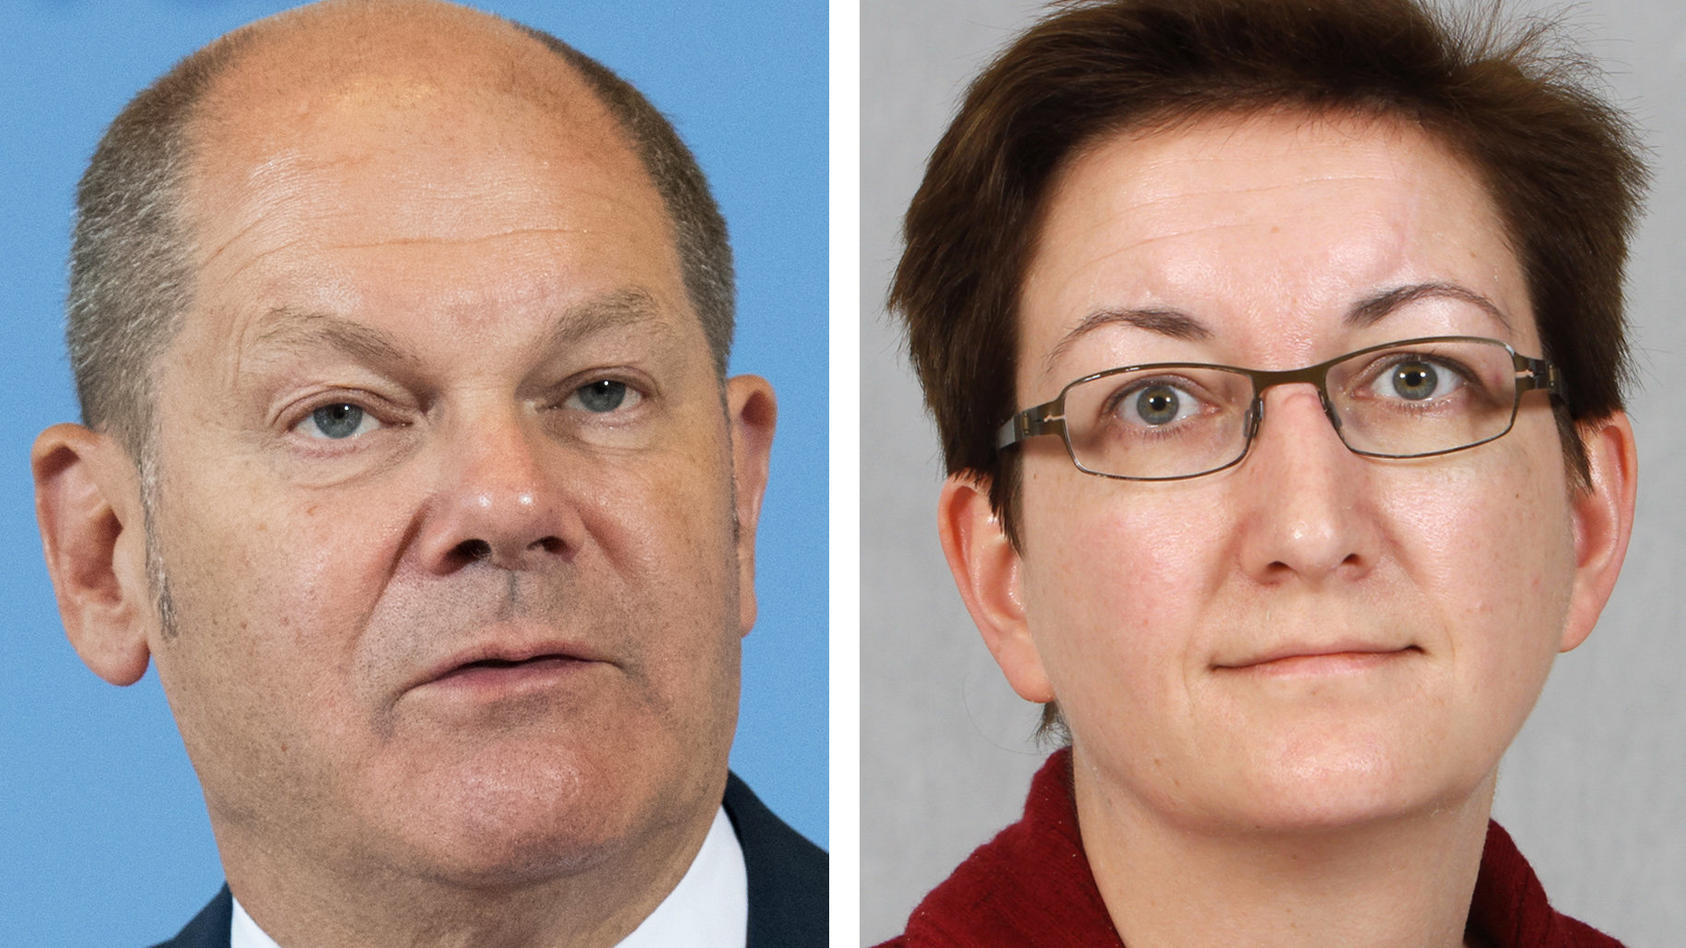 Neues Duo für den SPD-Parteivorsitz: Olaf Scholz tritt mit Klara Geywitz an.